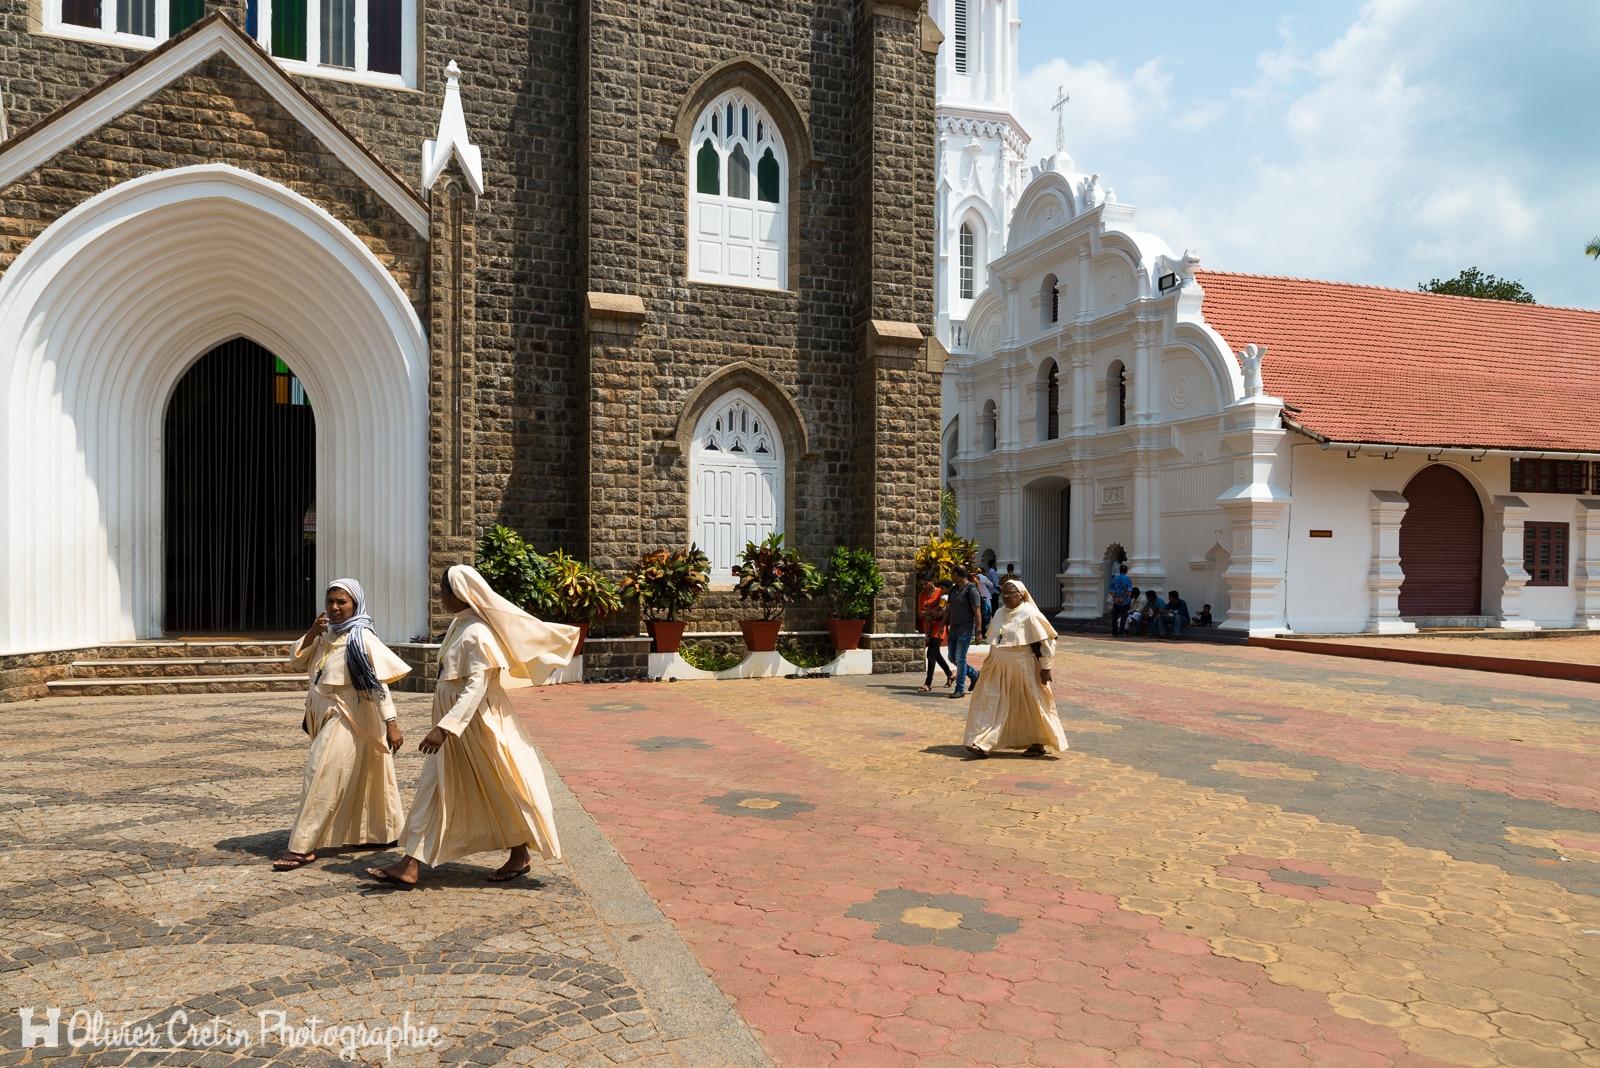 Inde - Centre chrétien de pèlerinage sur la route entre Marari beach et Kochi